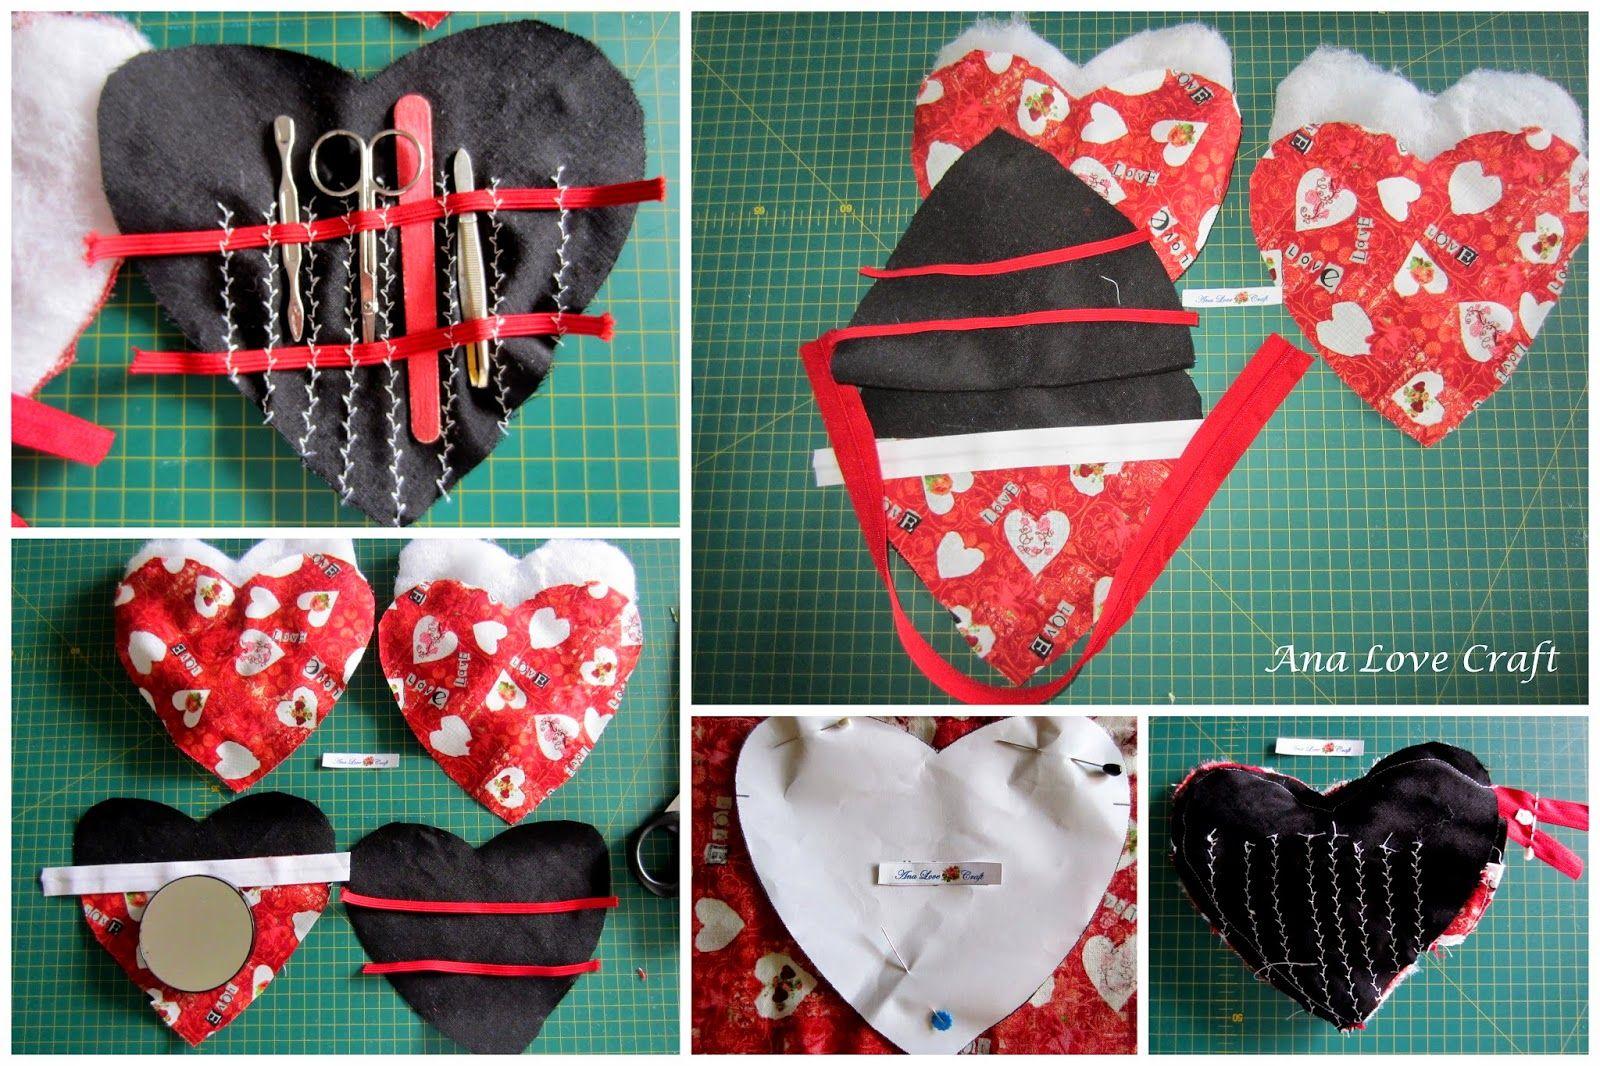 Ana Love Craft: BOLSA CORAÇÃO E TOALHA DE MÃOS - HEART POUCH AND HAND TOWEL